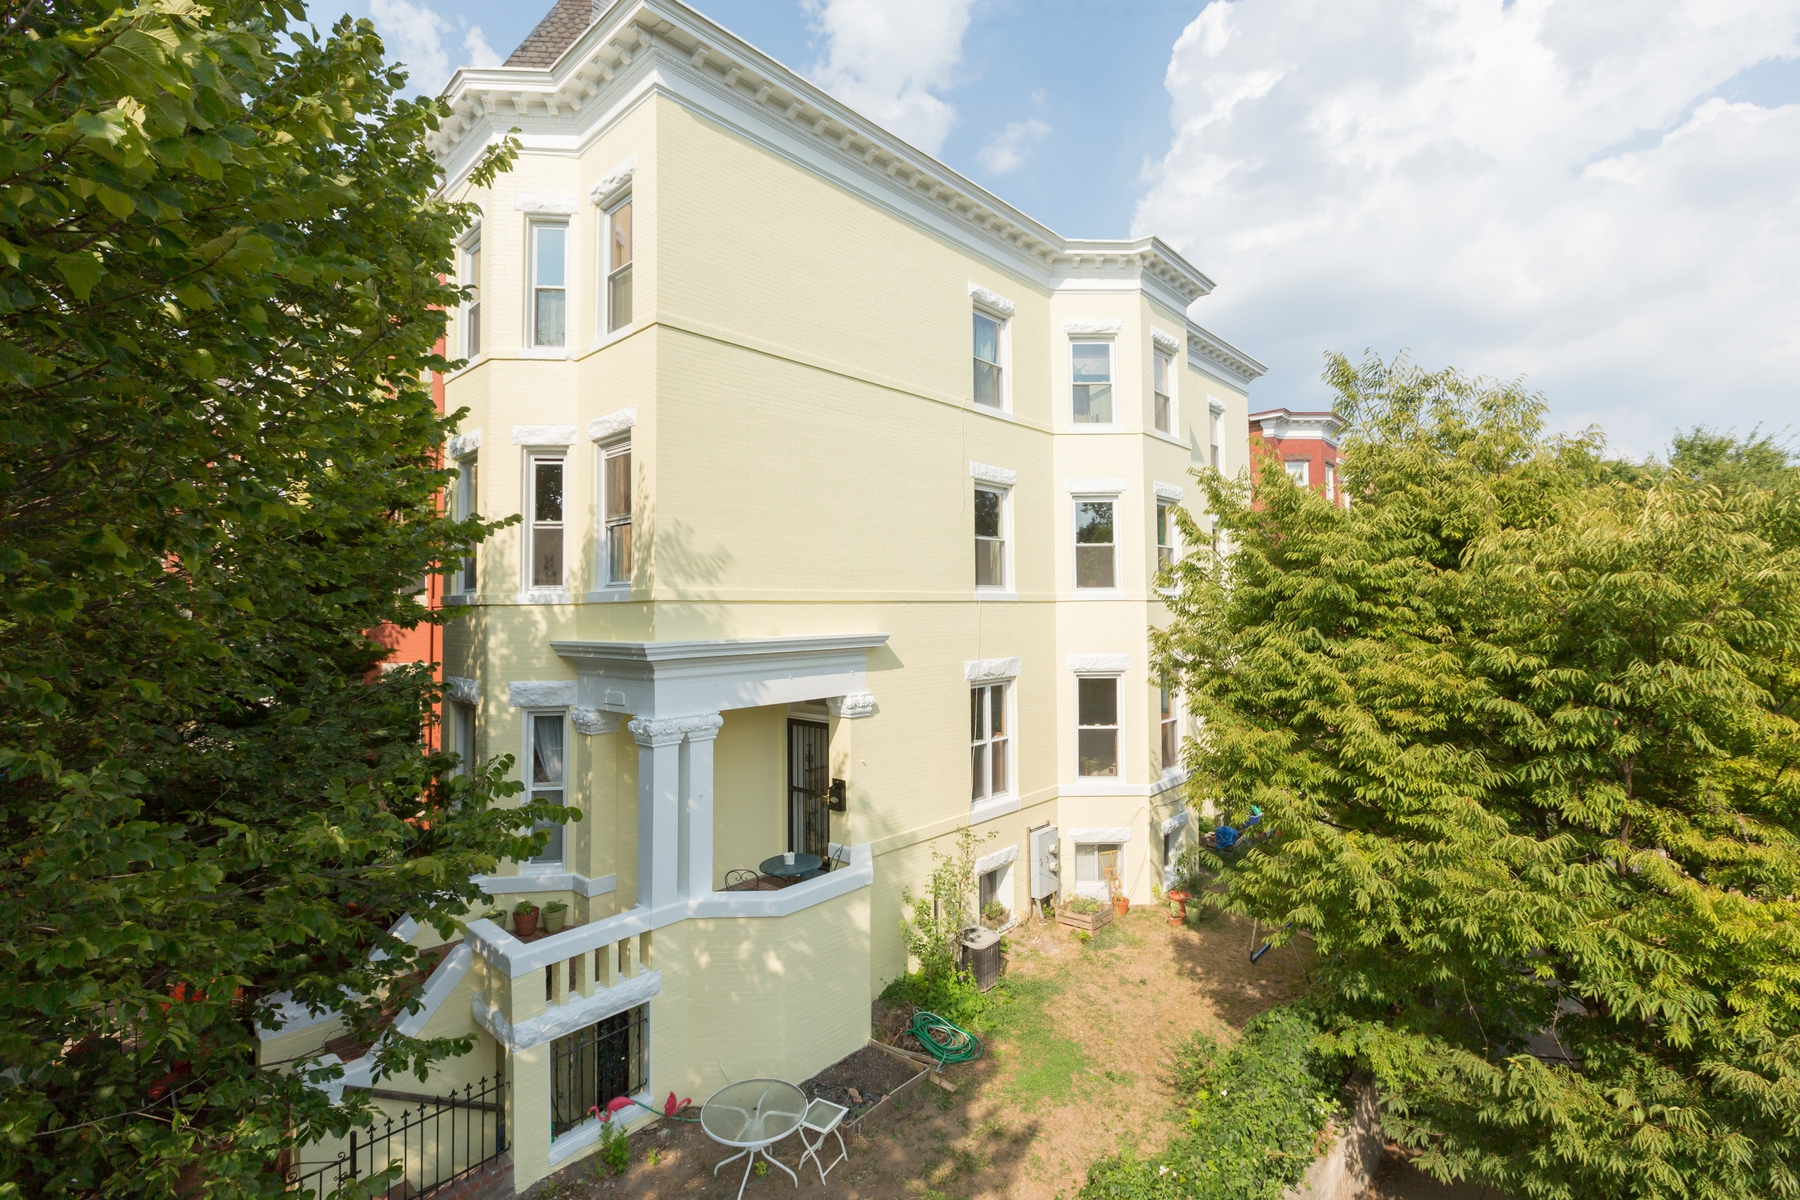 Maison unifamiliale pour l Vente à Mount Pleasant 3157 18th Street NW Mount Pleasant, Washington, District De Columbia 20010 États-Unis